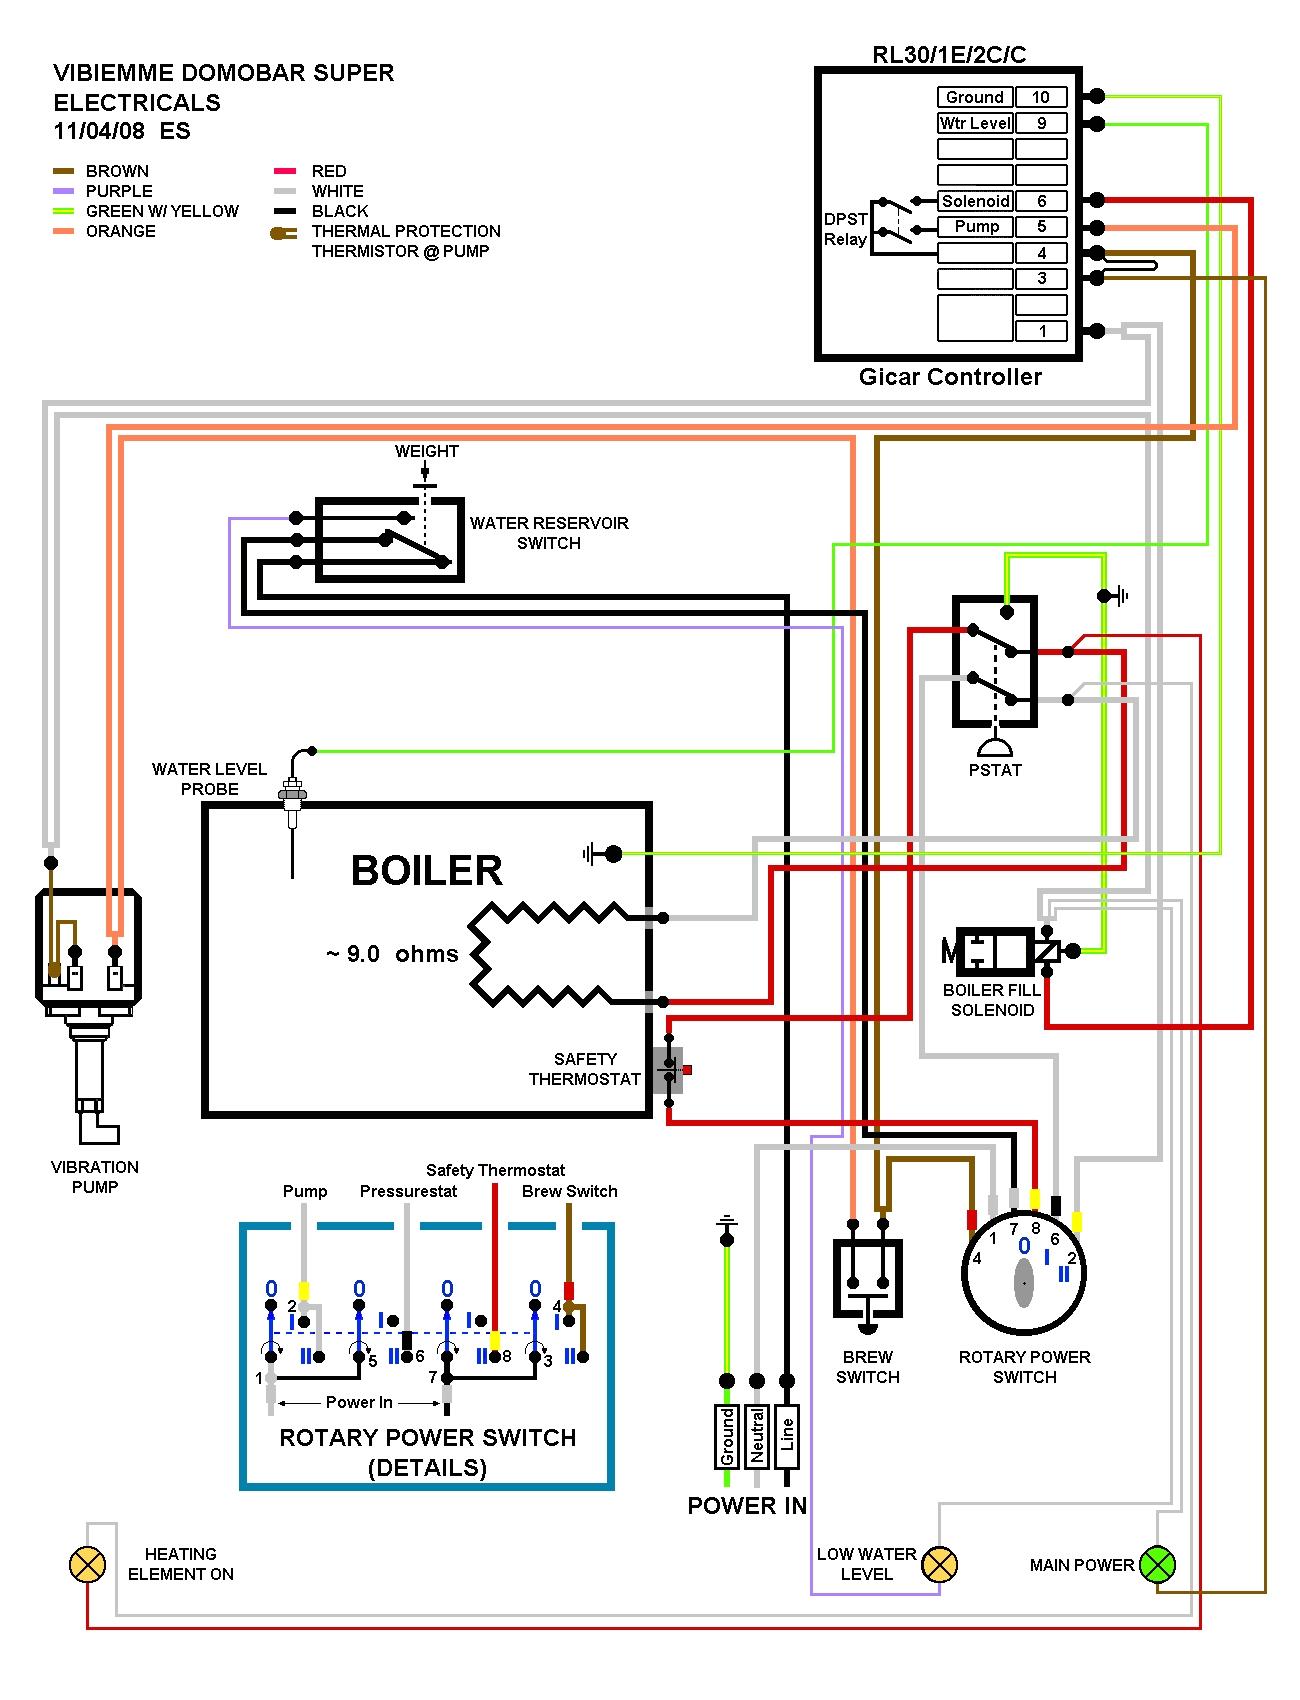 la marzocco wiring diagram online manuual of wiring diagramgrinder pump wiring diagram wiring diagram la marzocco